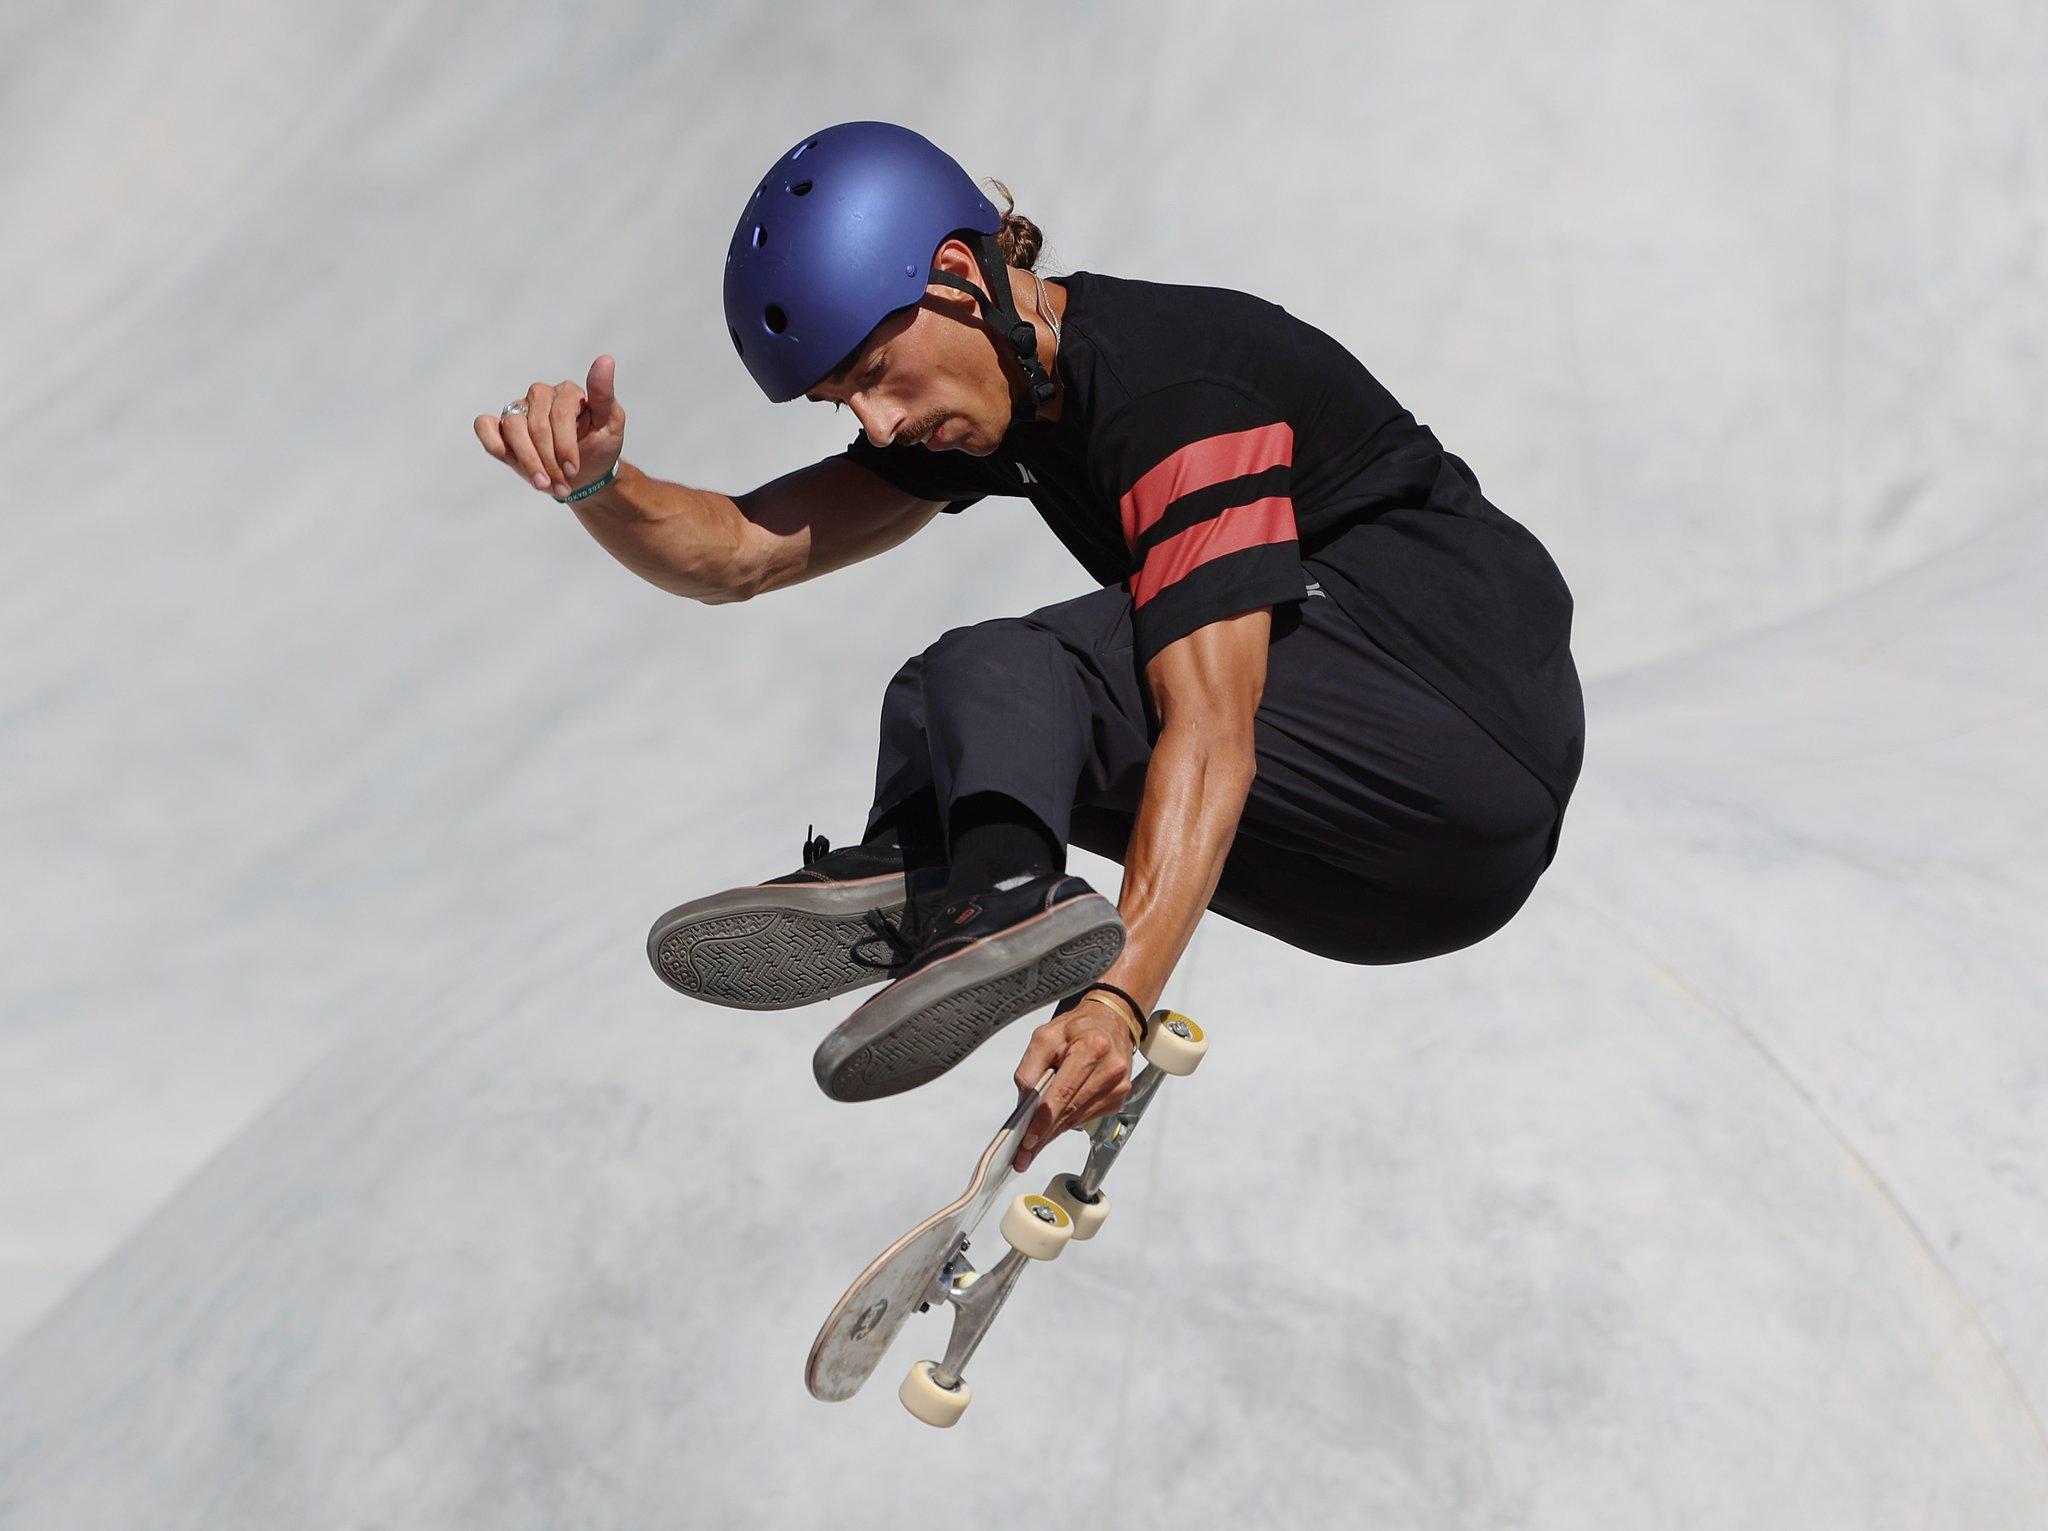 Danny León. Fuente: Rfep/Tokyo2020